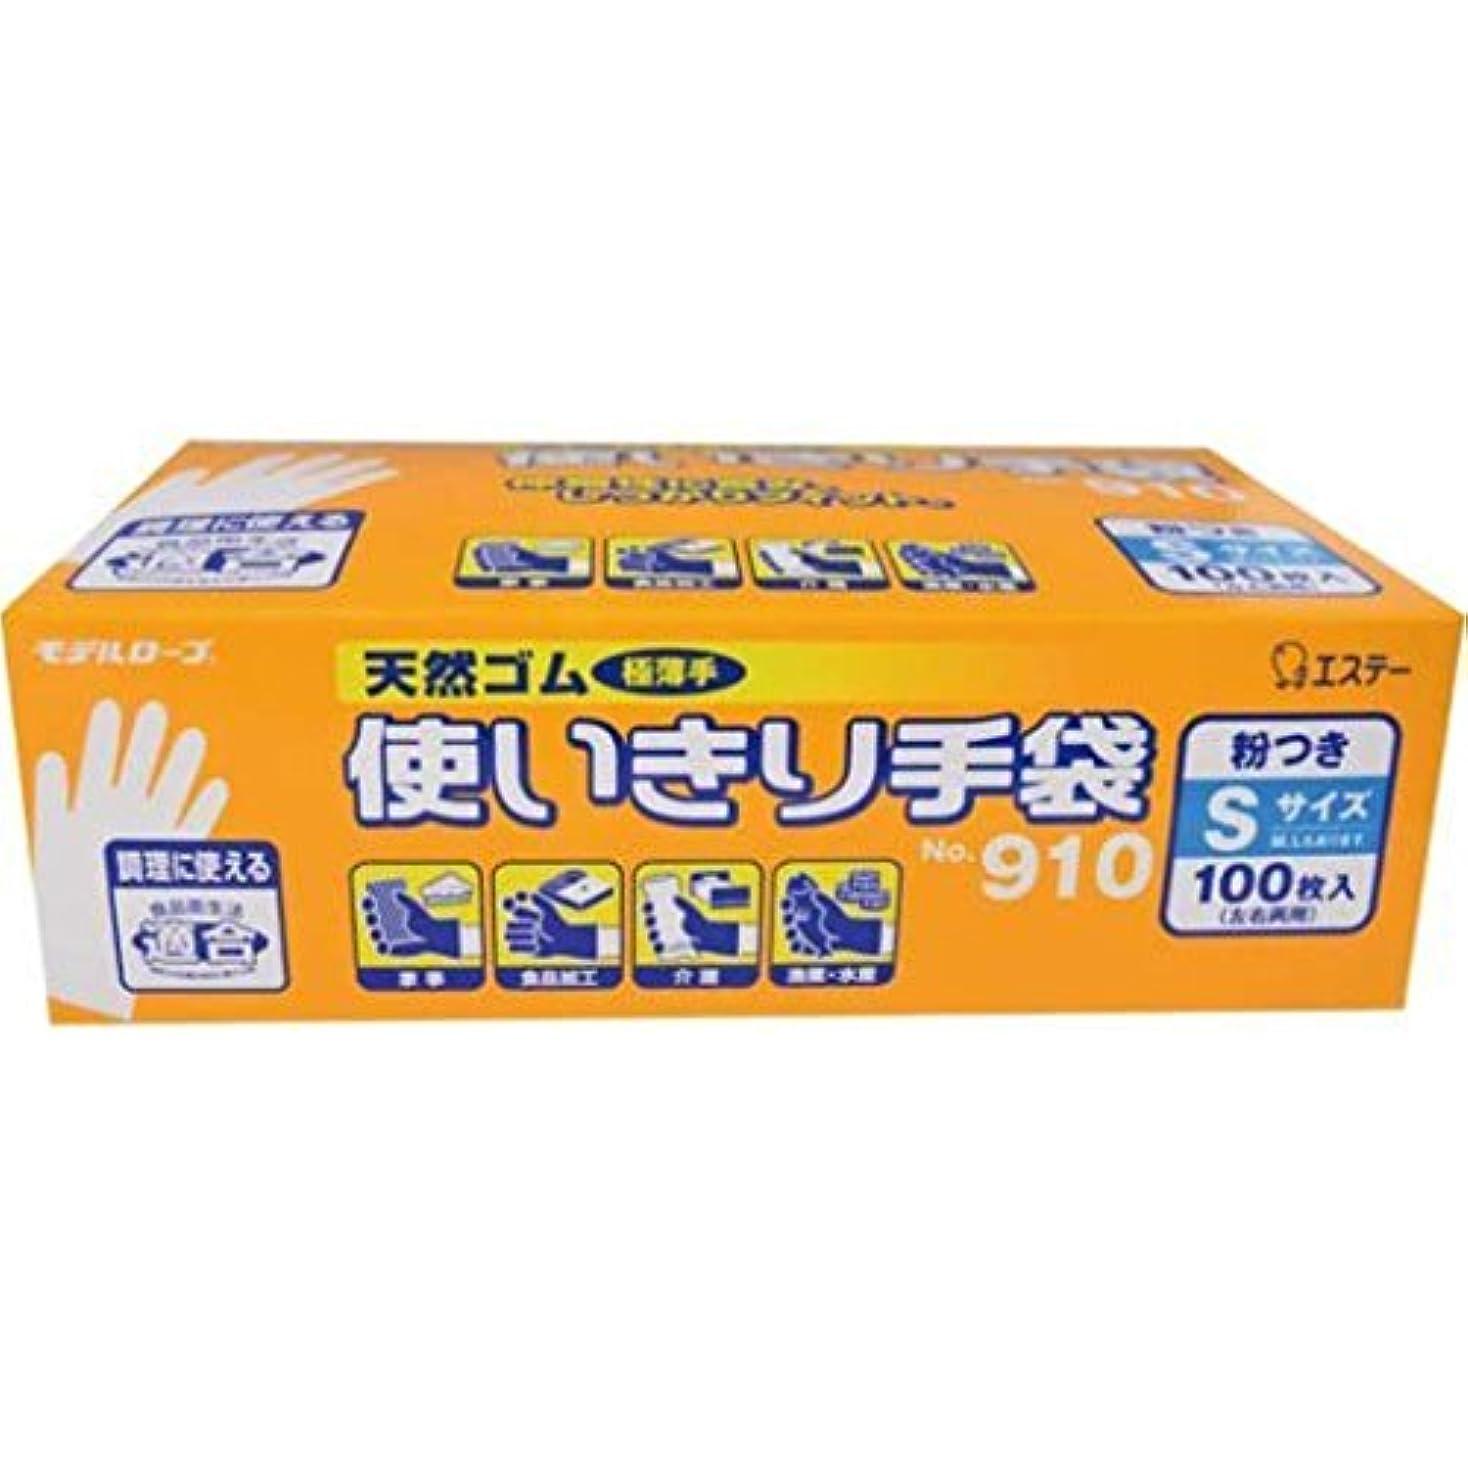 メタン排他的入場(まとめ買い)エステー 天然ゴム使い切り手袋 No.910 S 【×3セット】